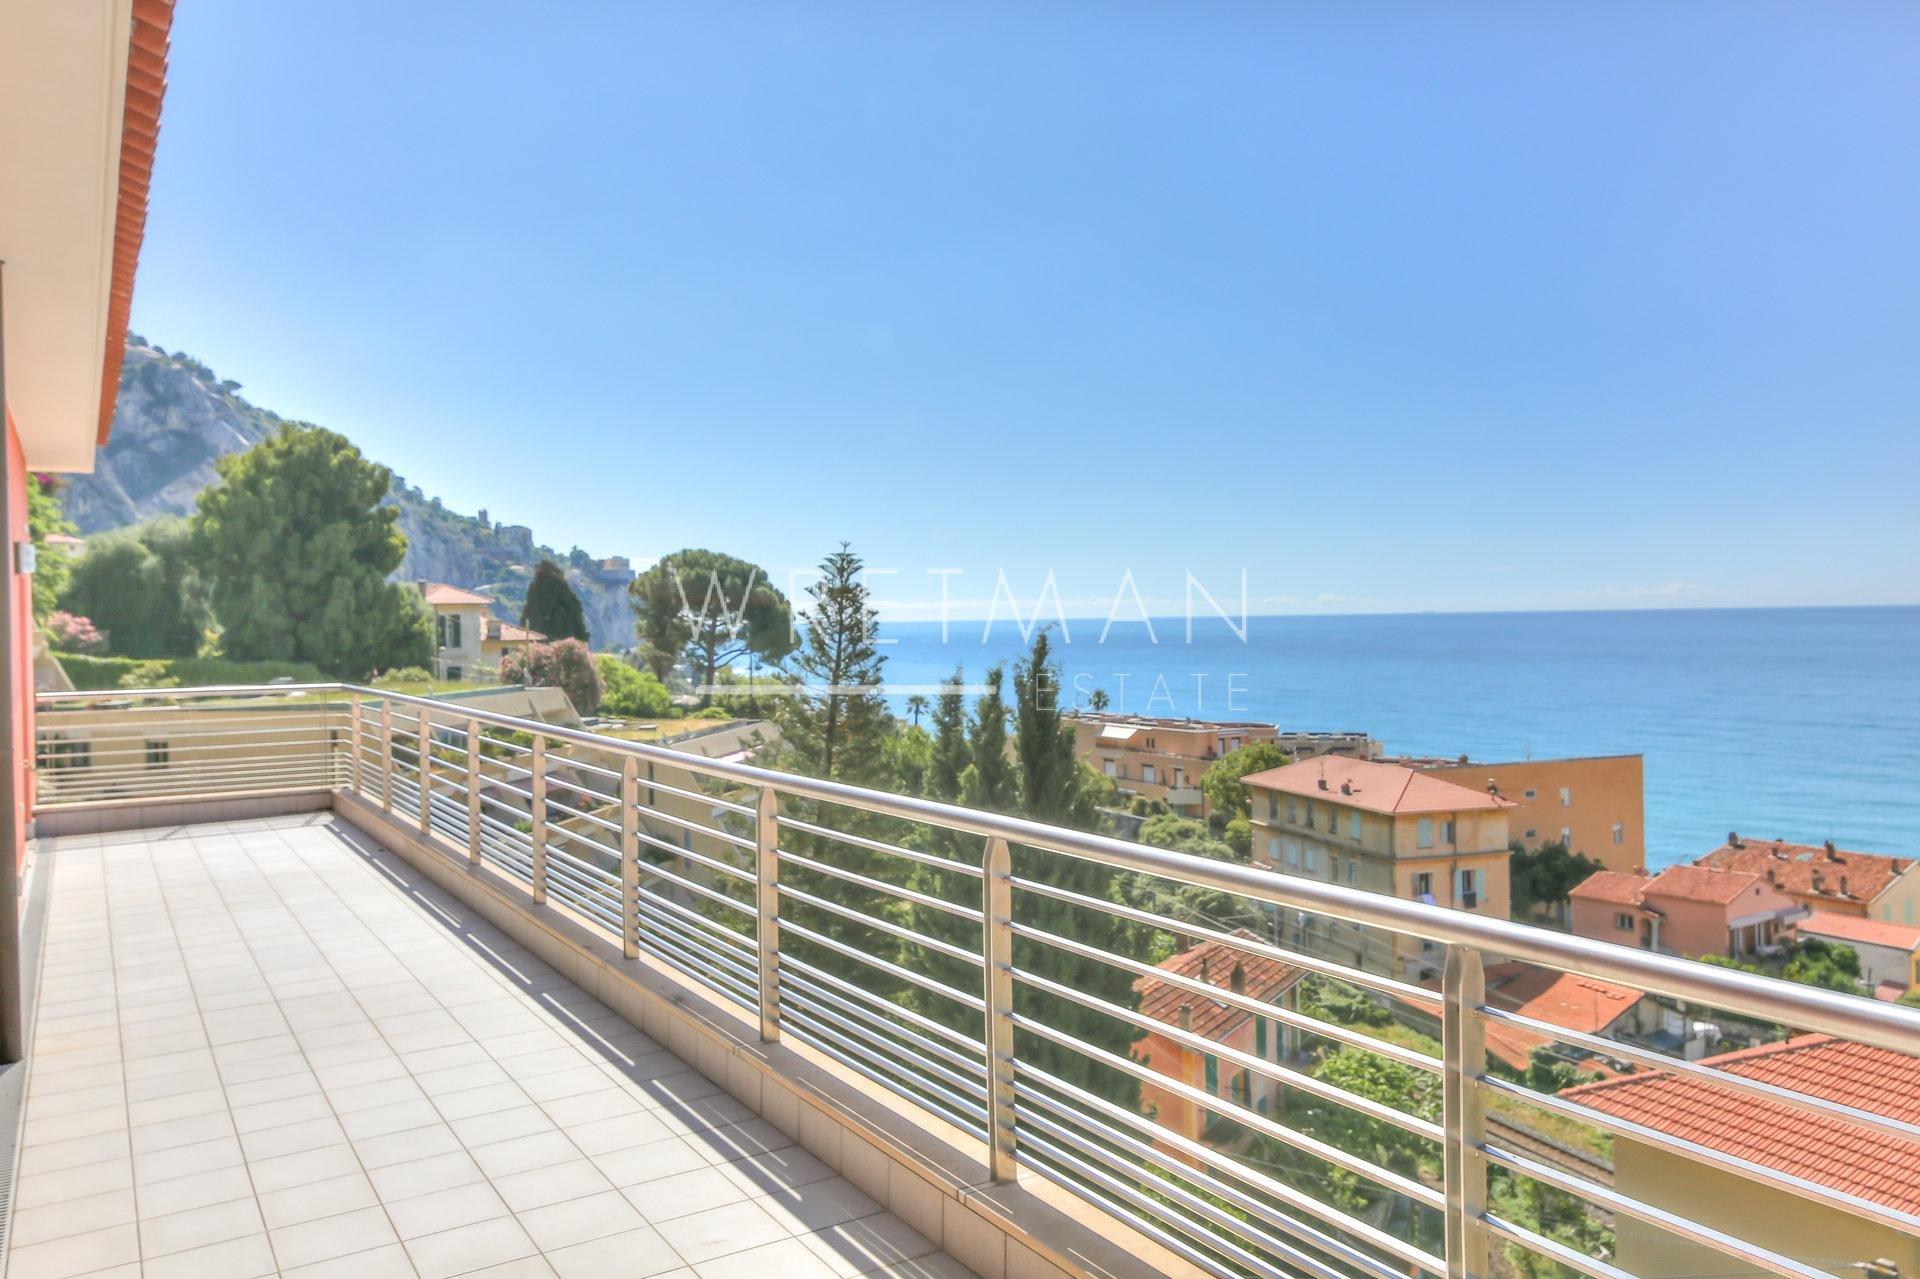 Takvåning med stor terrass och havsutsikt - Menton Garavan